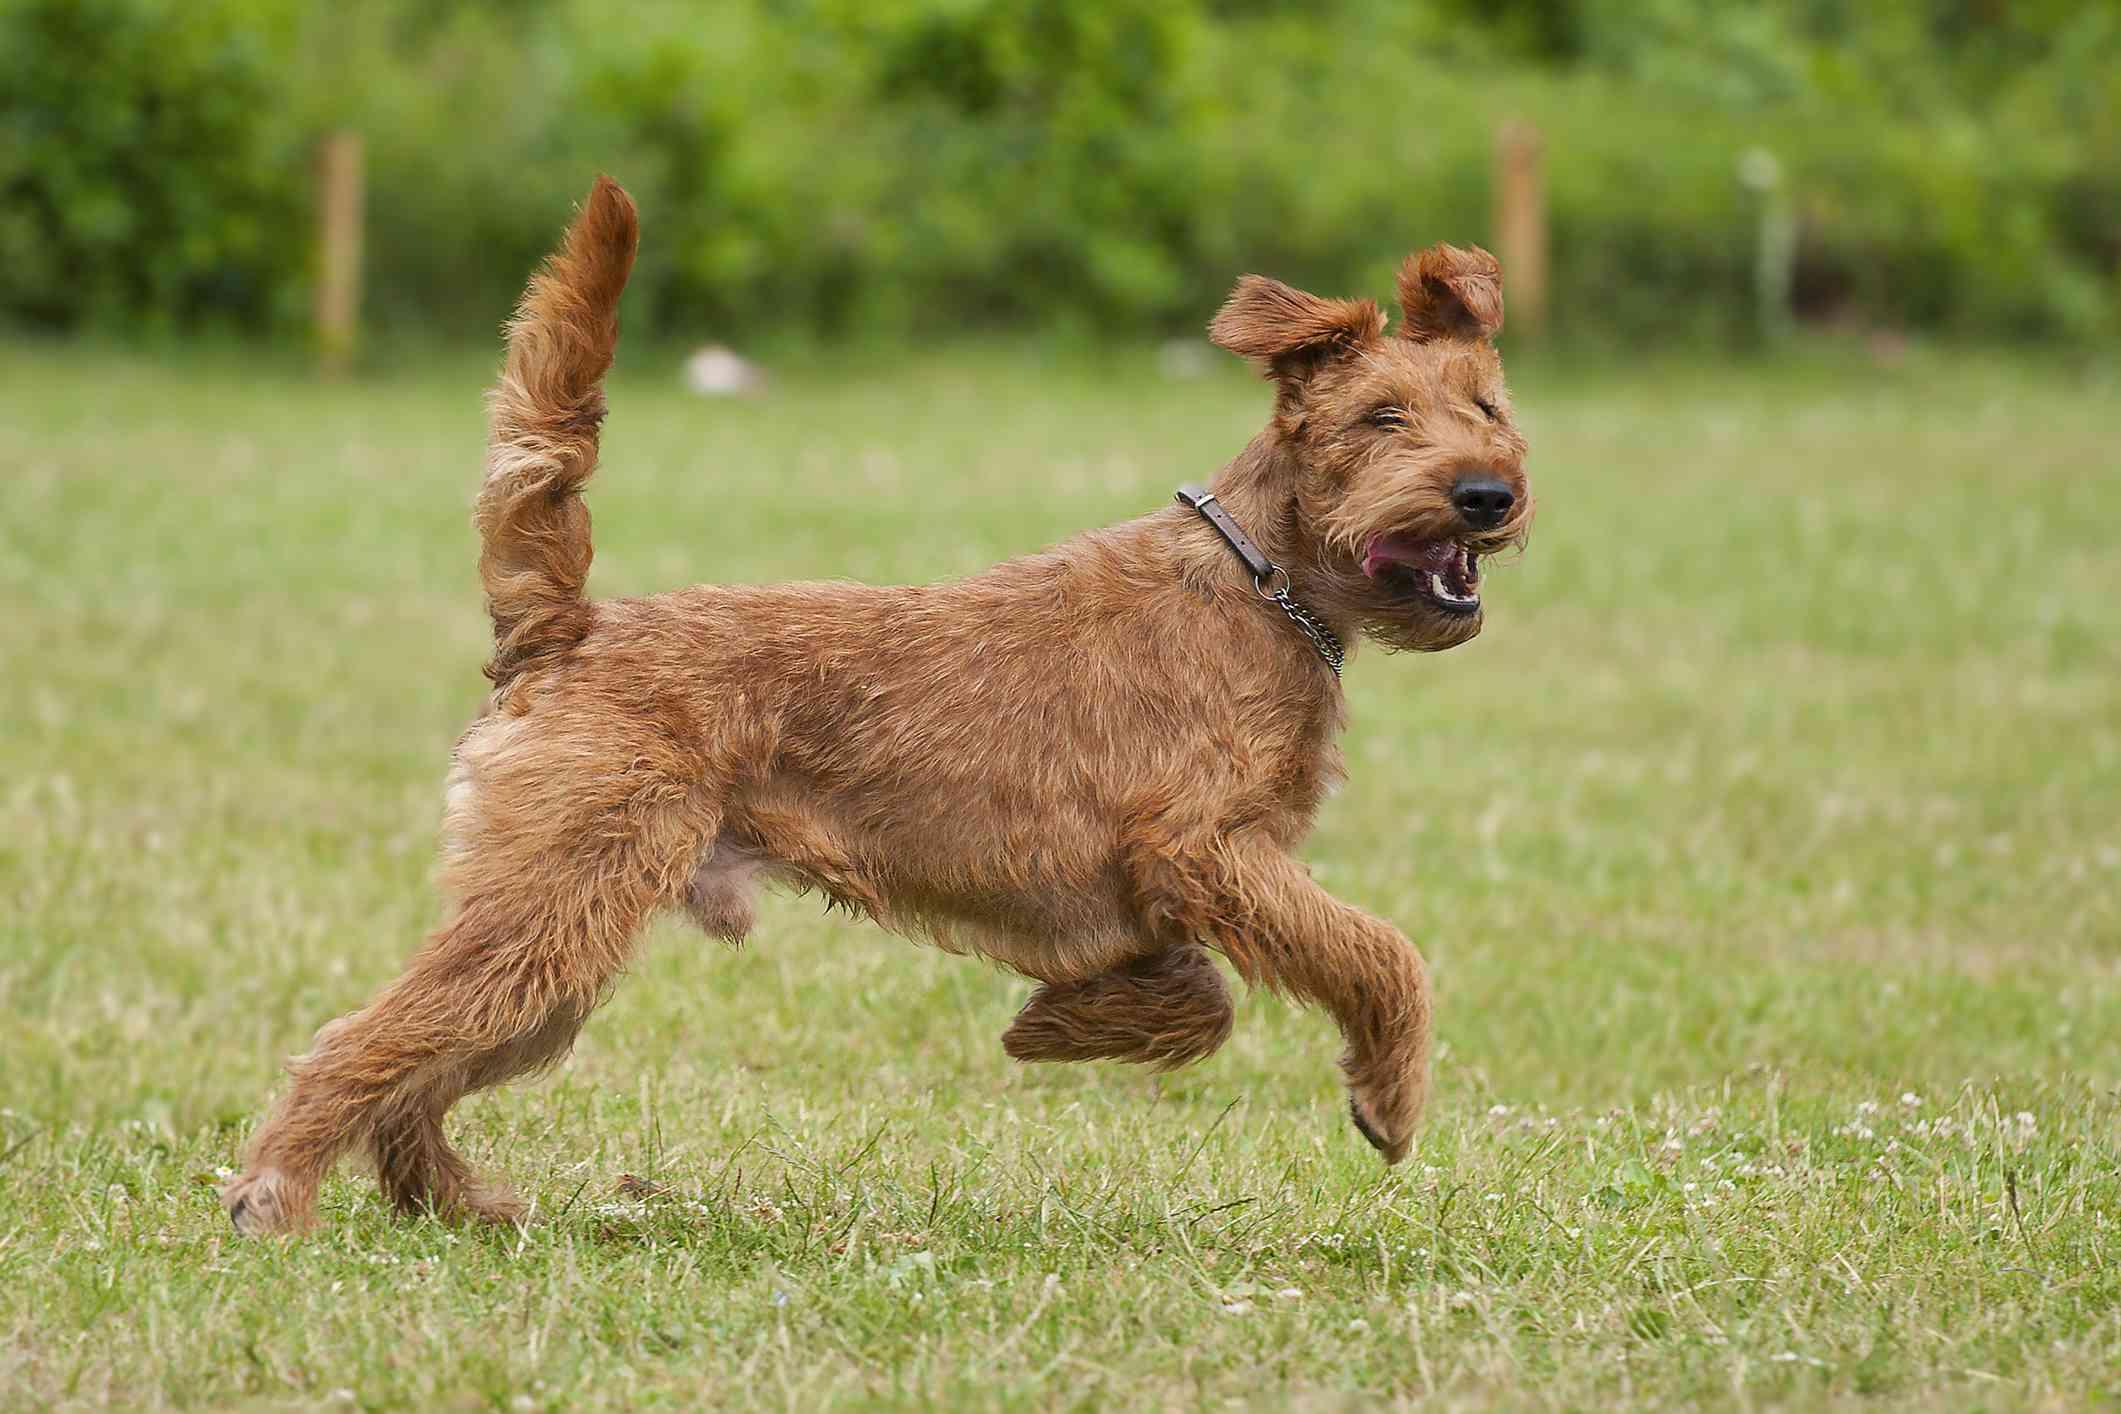 Irish Terrier running in the grass